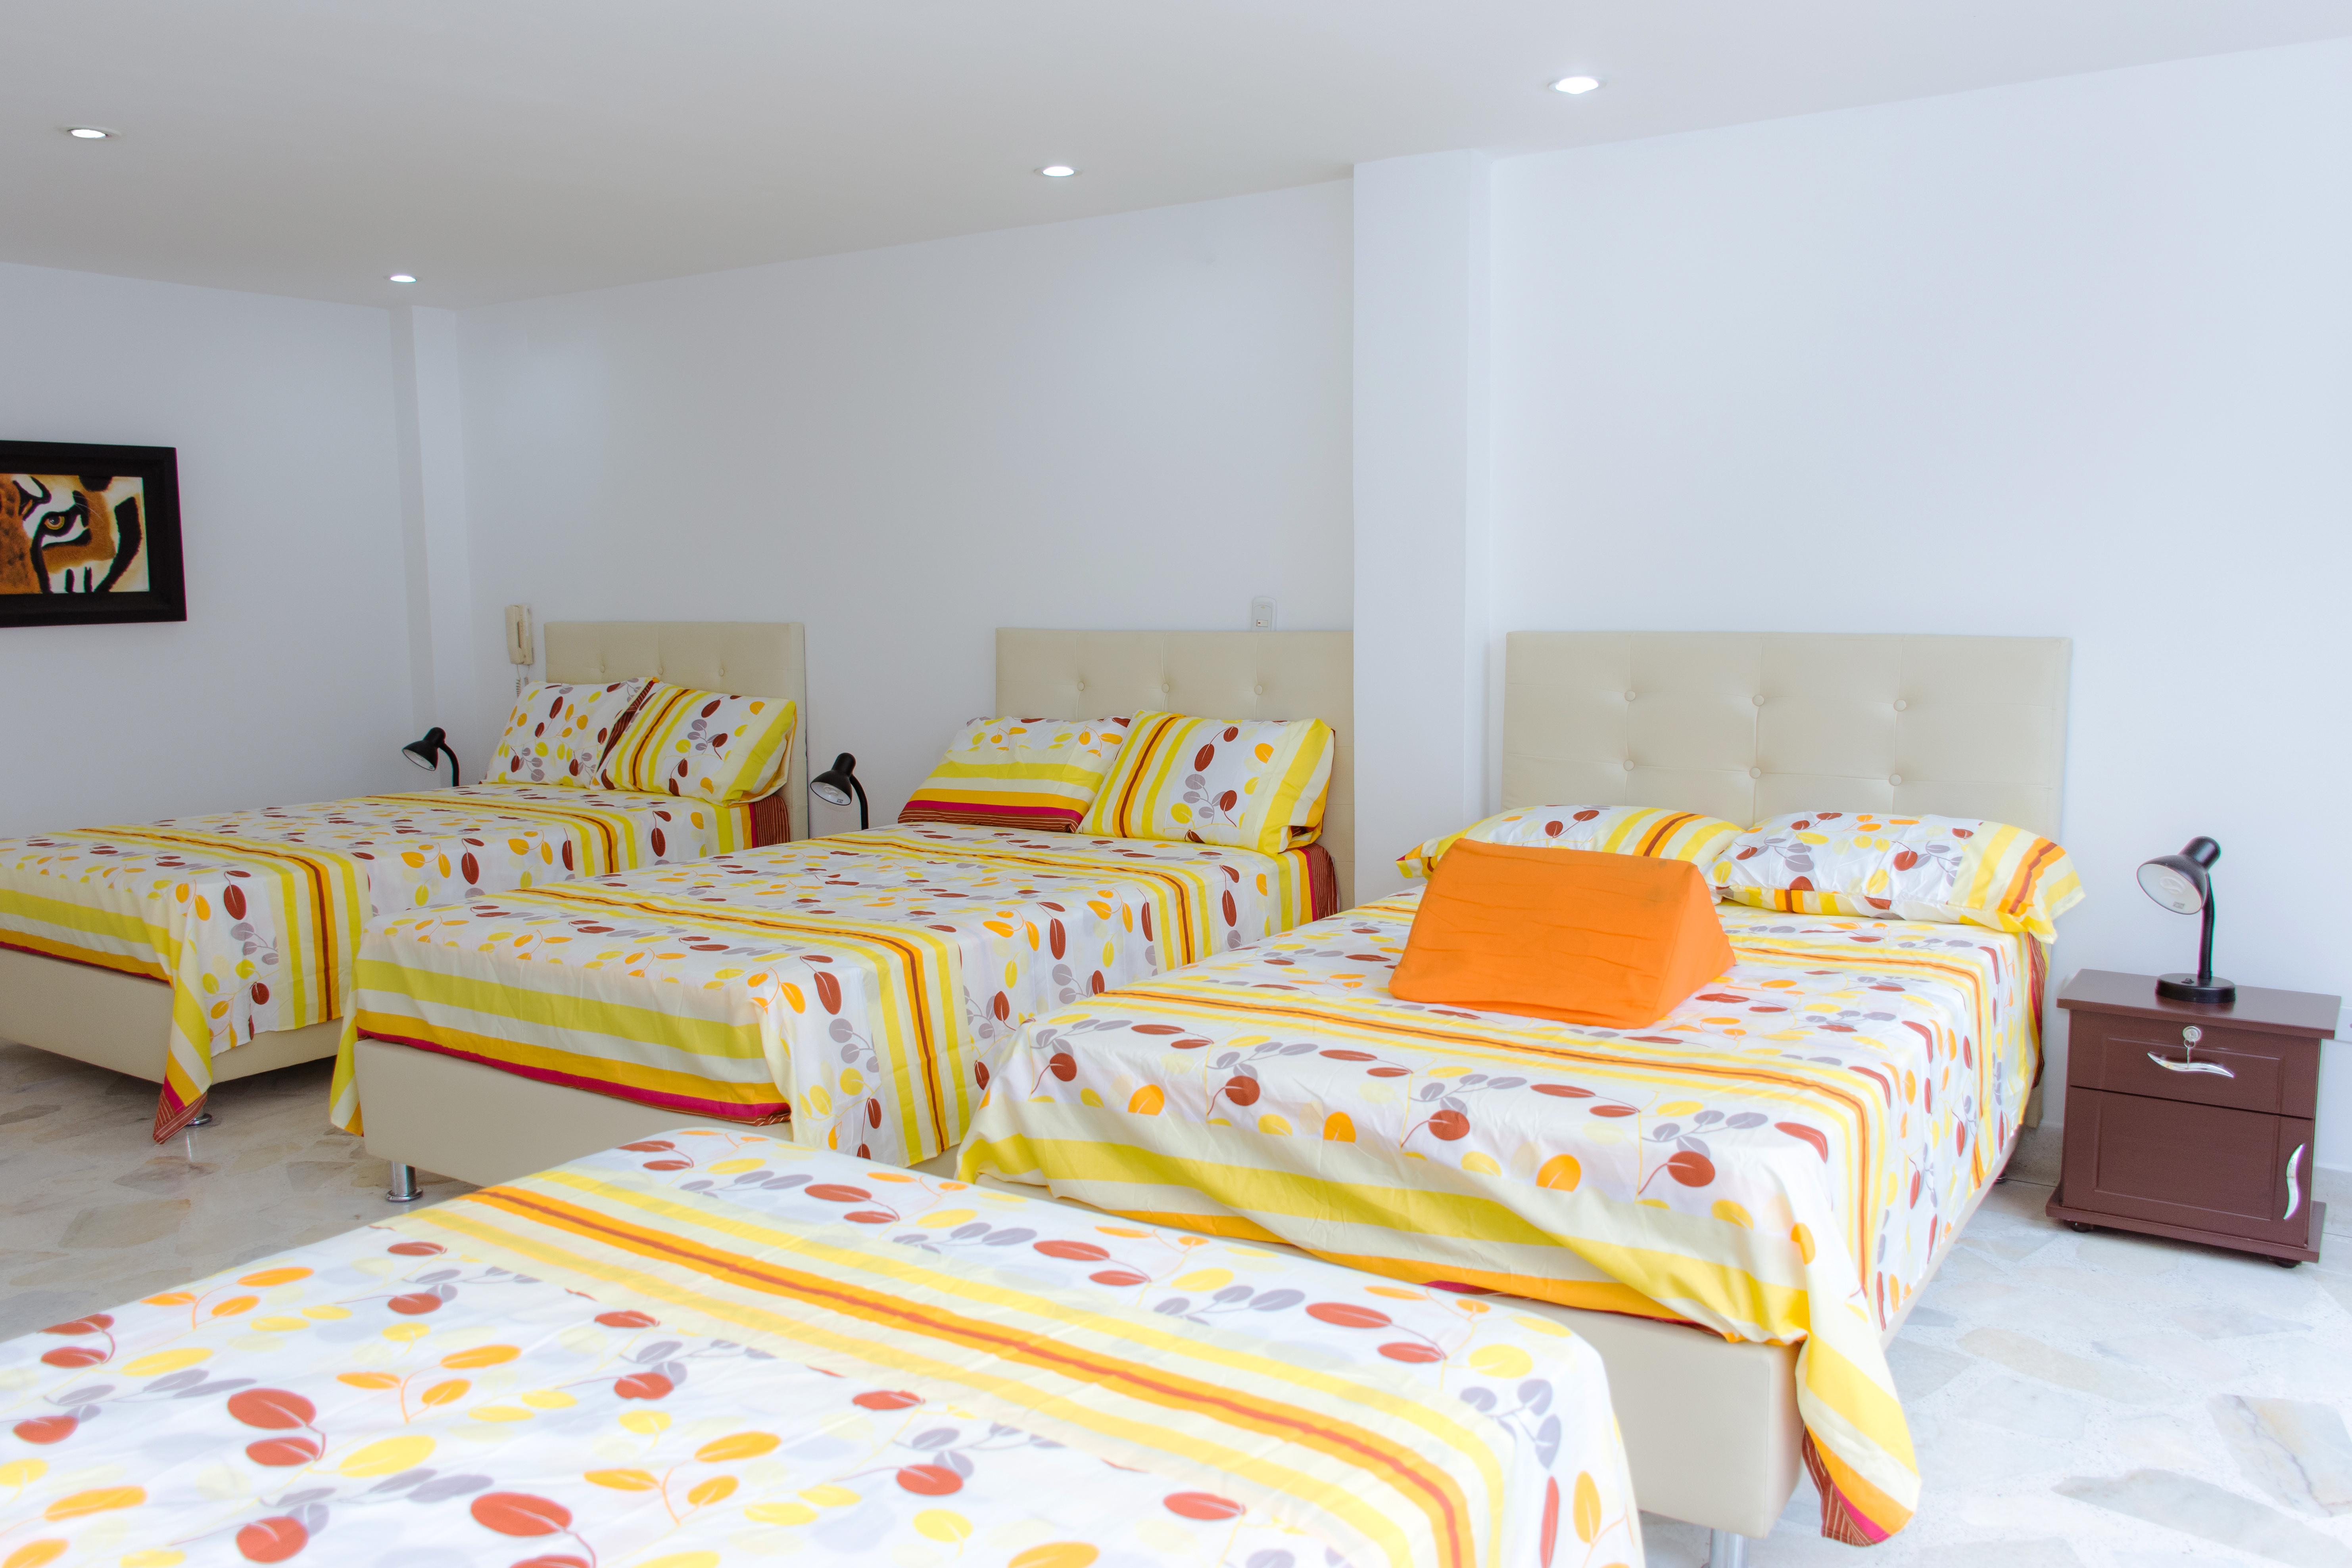 cuadruple room